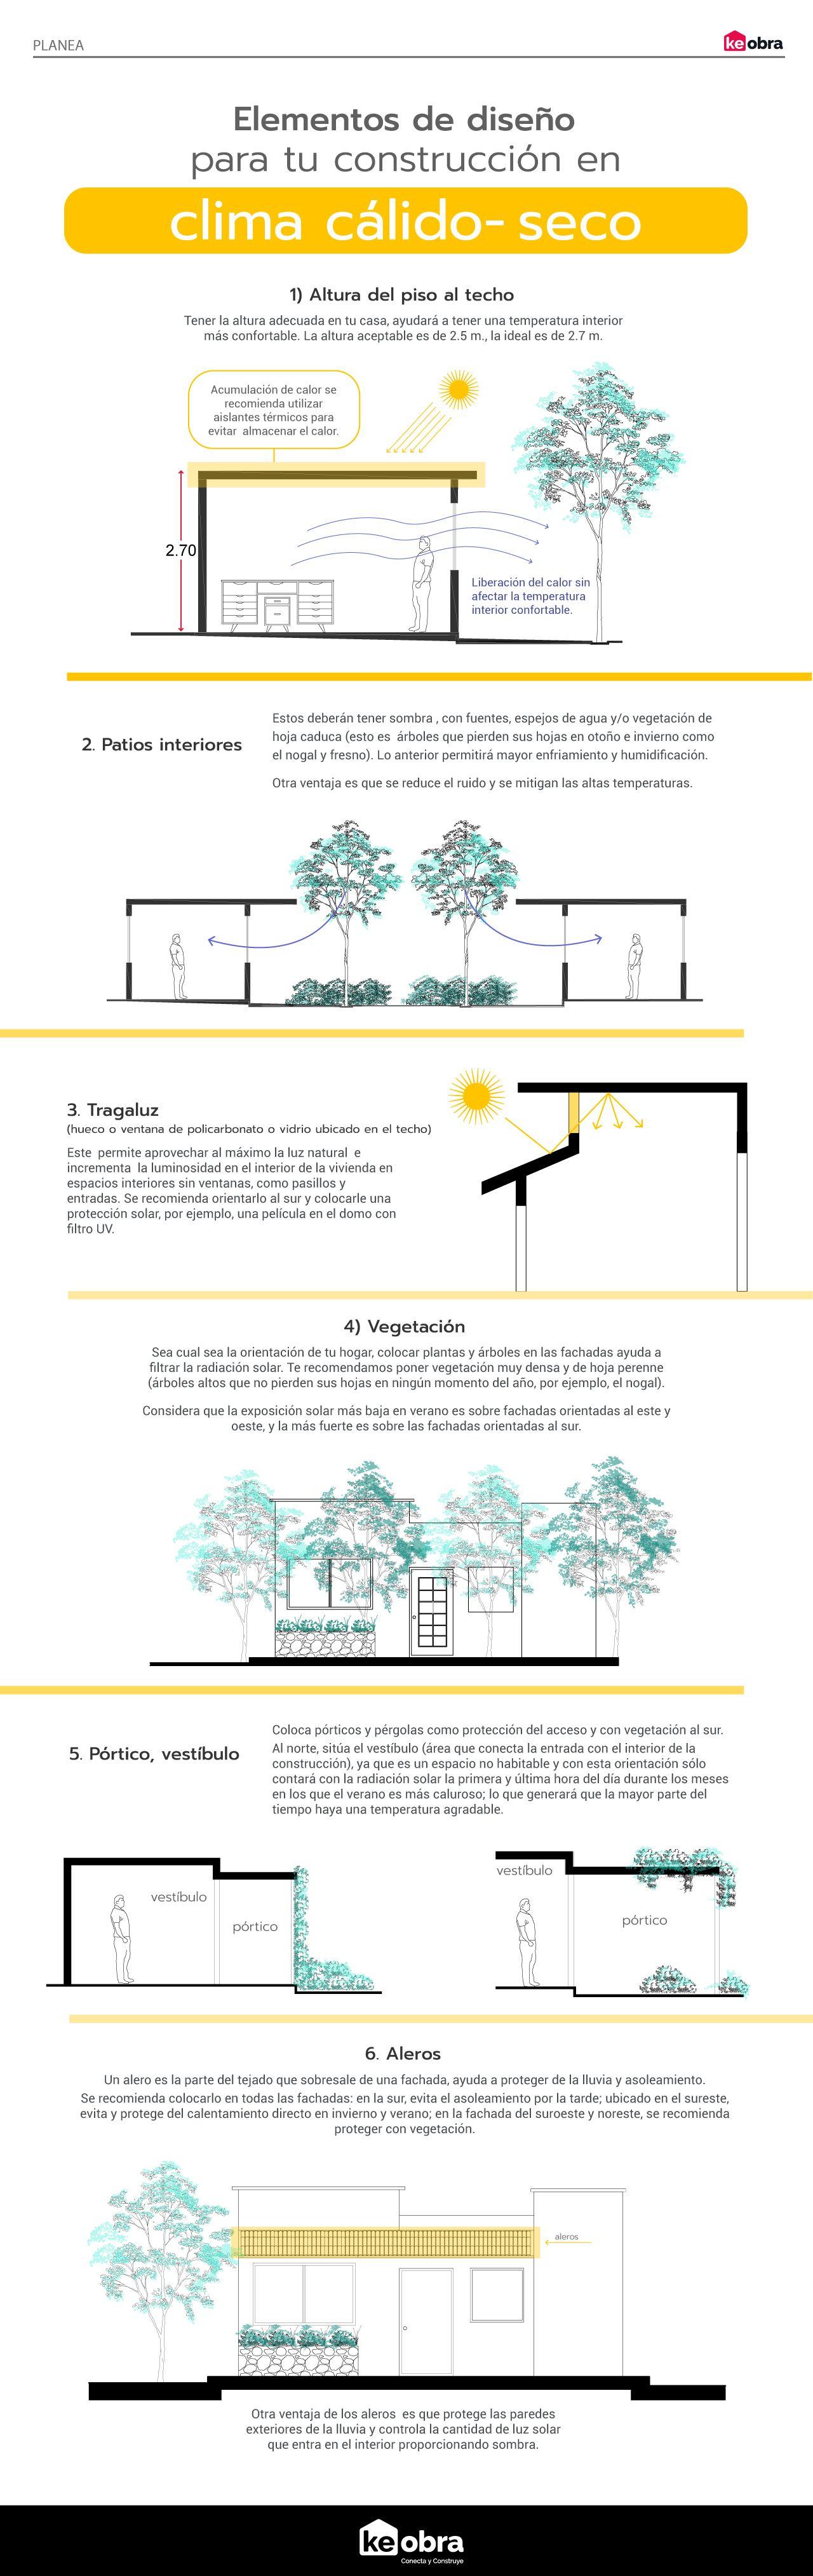 Elementos De Diseño Para Tu Construcción En Clima Cálido Seco Keobra Arquitectura Ambiental Disenos De Unas Elementos De Diseño